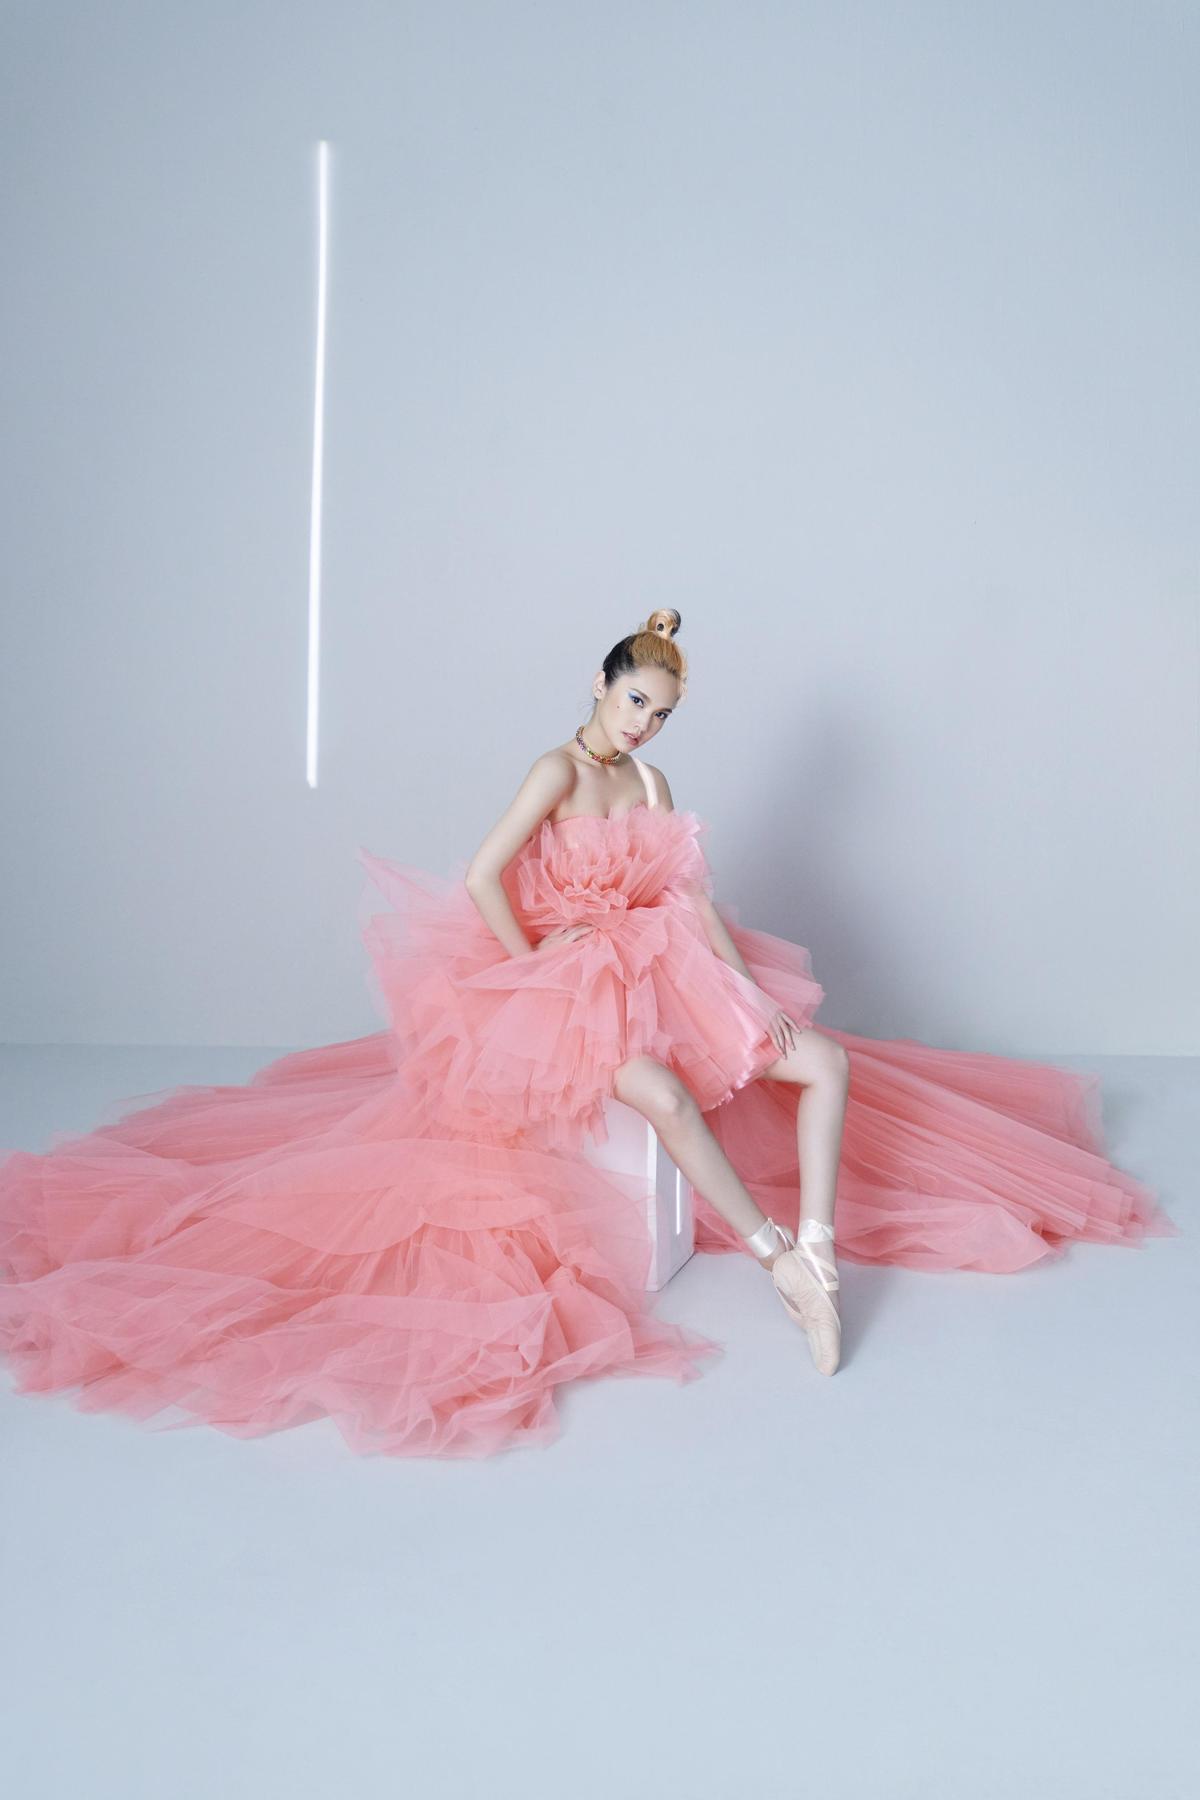 楊丞琳即將推出的《LIKE A STAR》,希望帶給大家更多的力量。(EMI提供)